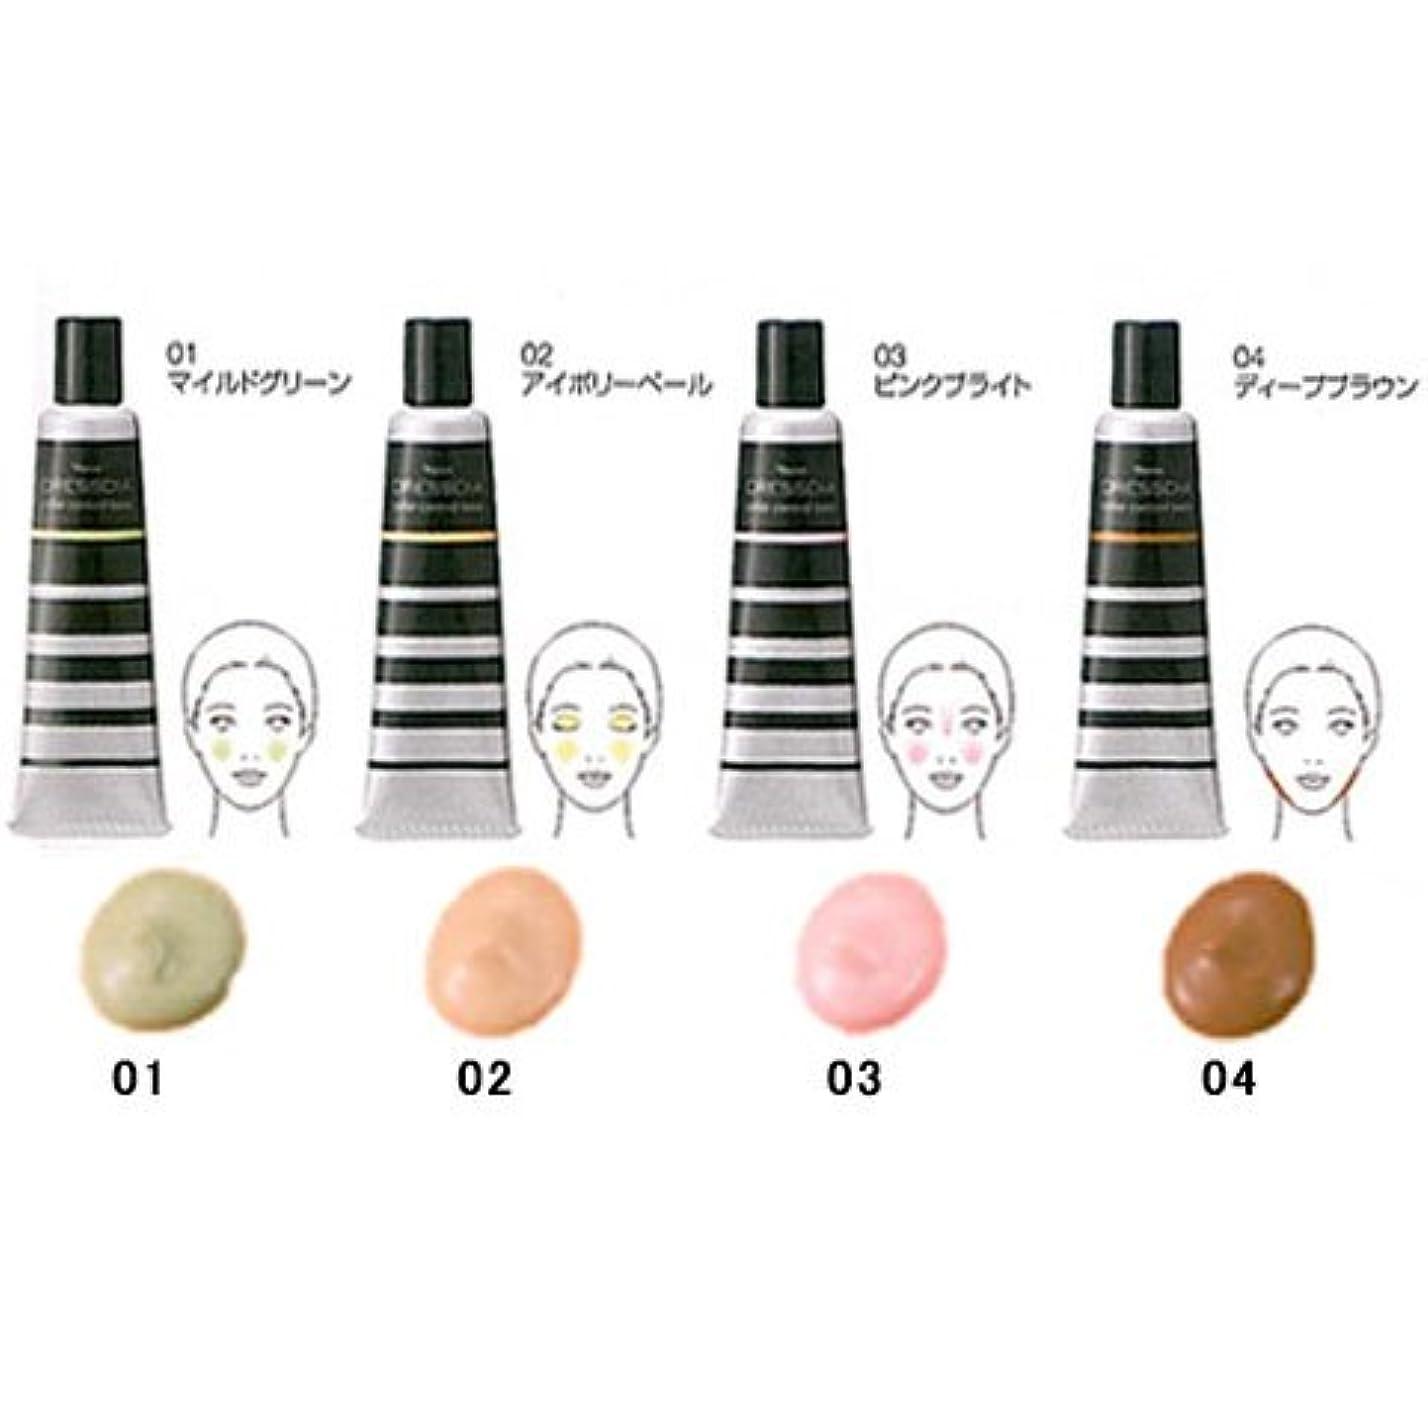 印象的行商人アルファベット順ナリス化粧品 ドレスディア カラーコントロールベース部分用 化粧下地 20g 04 ディープブラウン